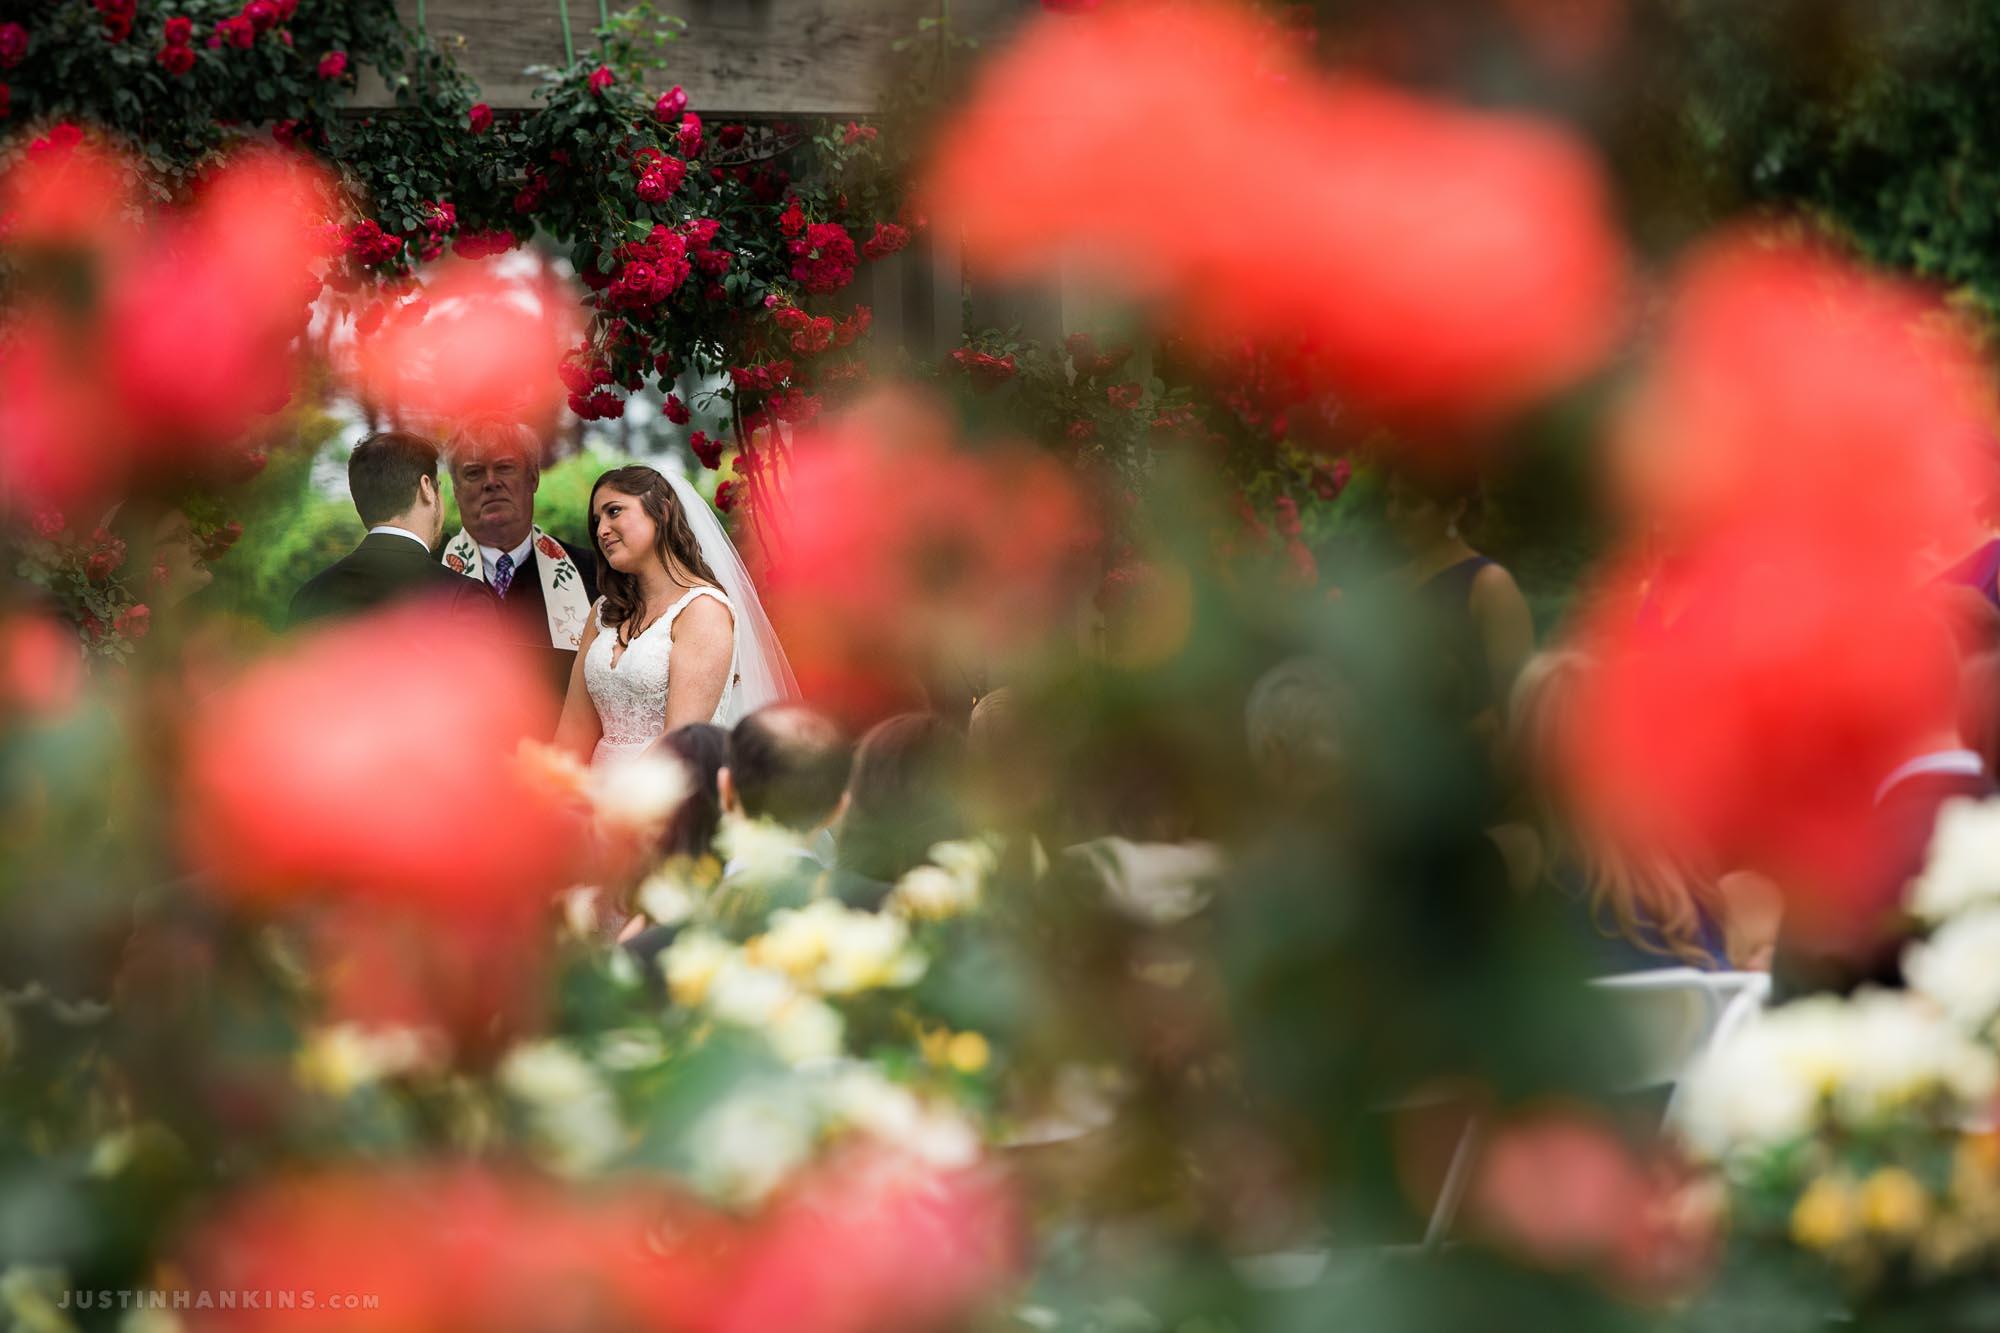 Norfolk Botanical Garden Wedding in the Rose Garden - Justin Hankins ...